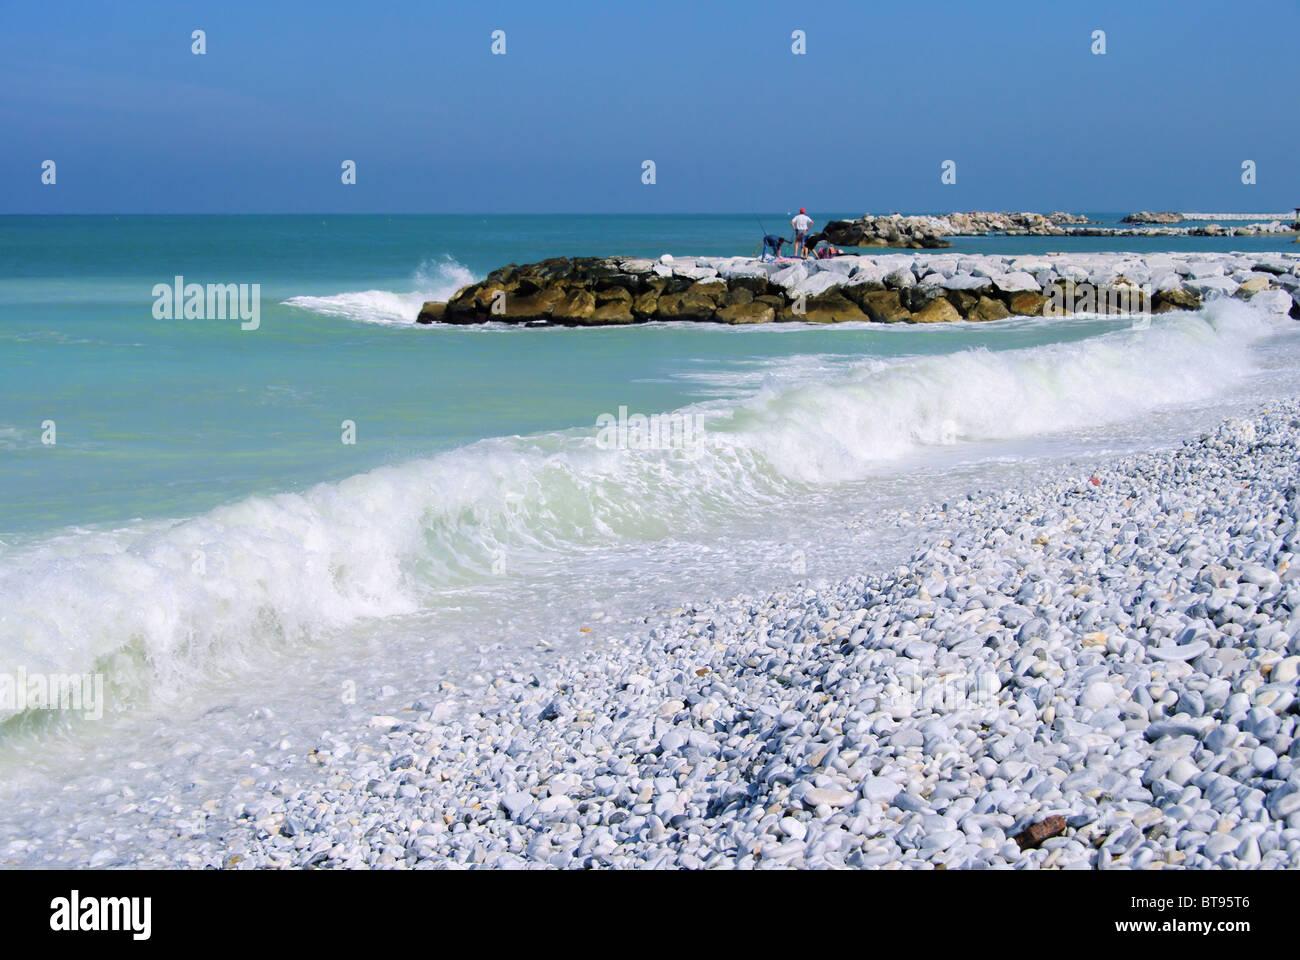 Pisa Strand - Pisa beach 01 Stock Photo